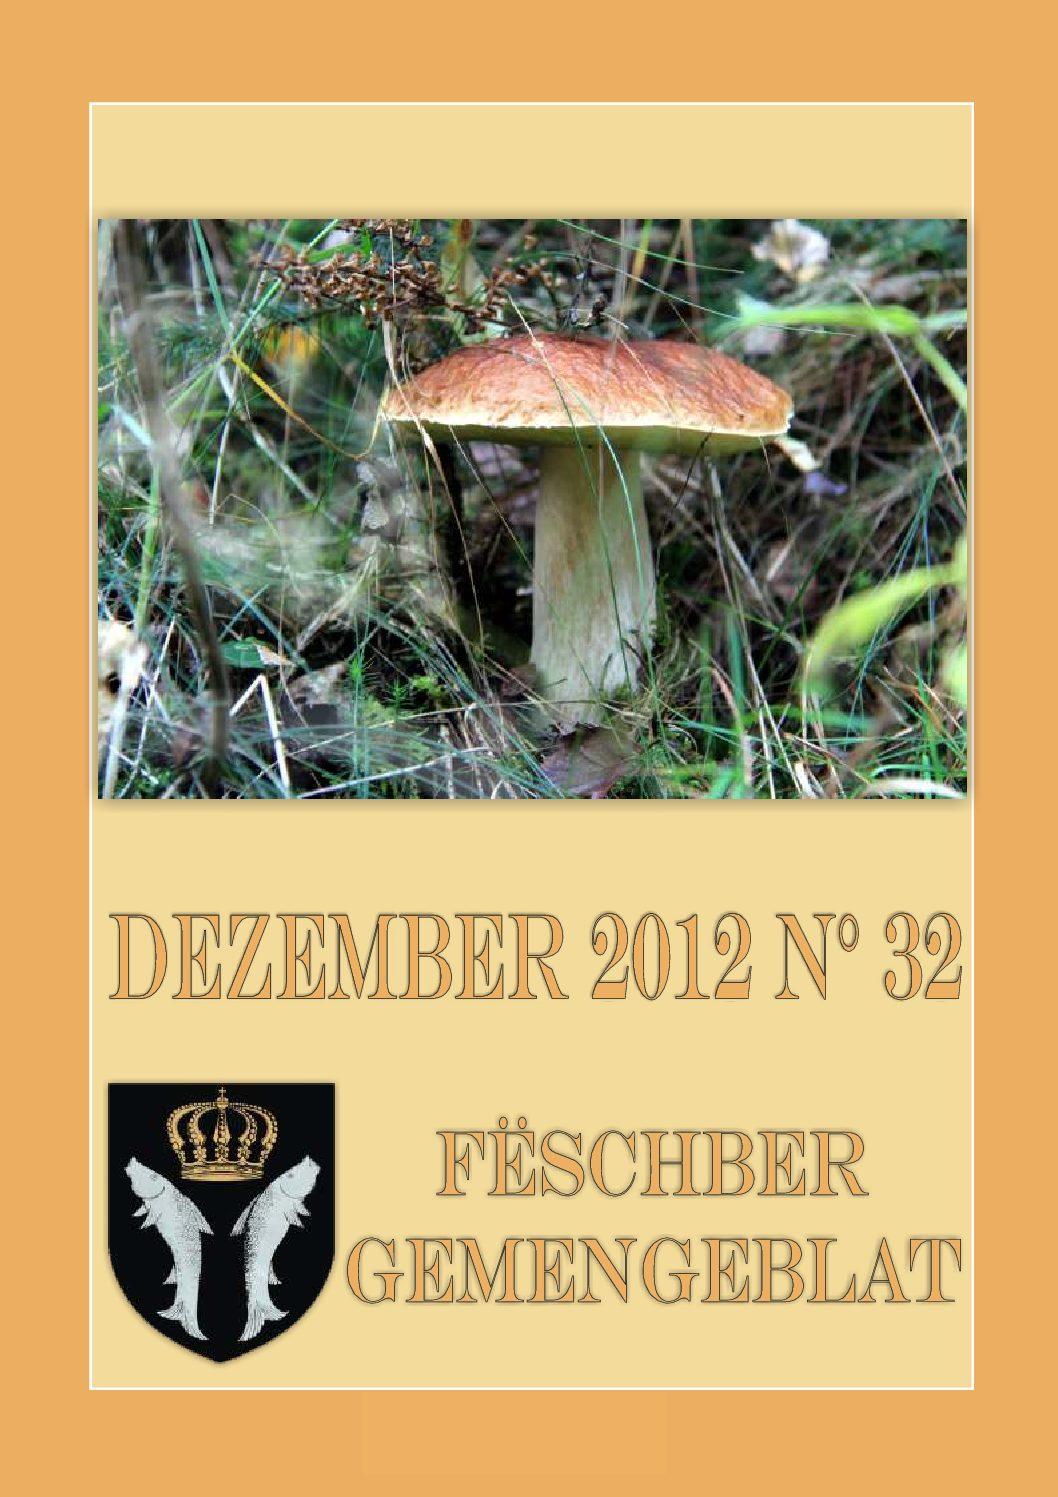 Dezember 2012 Gemengeblat No. 32